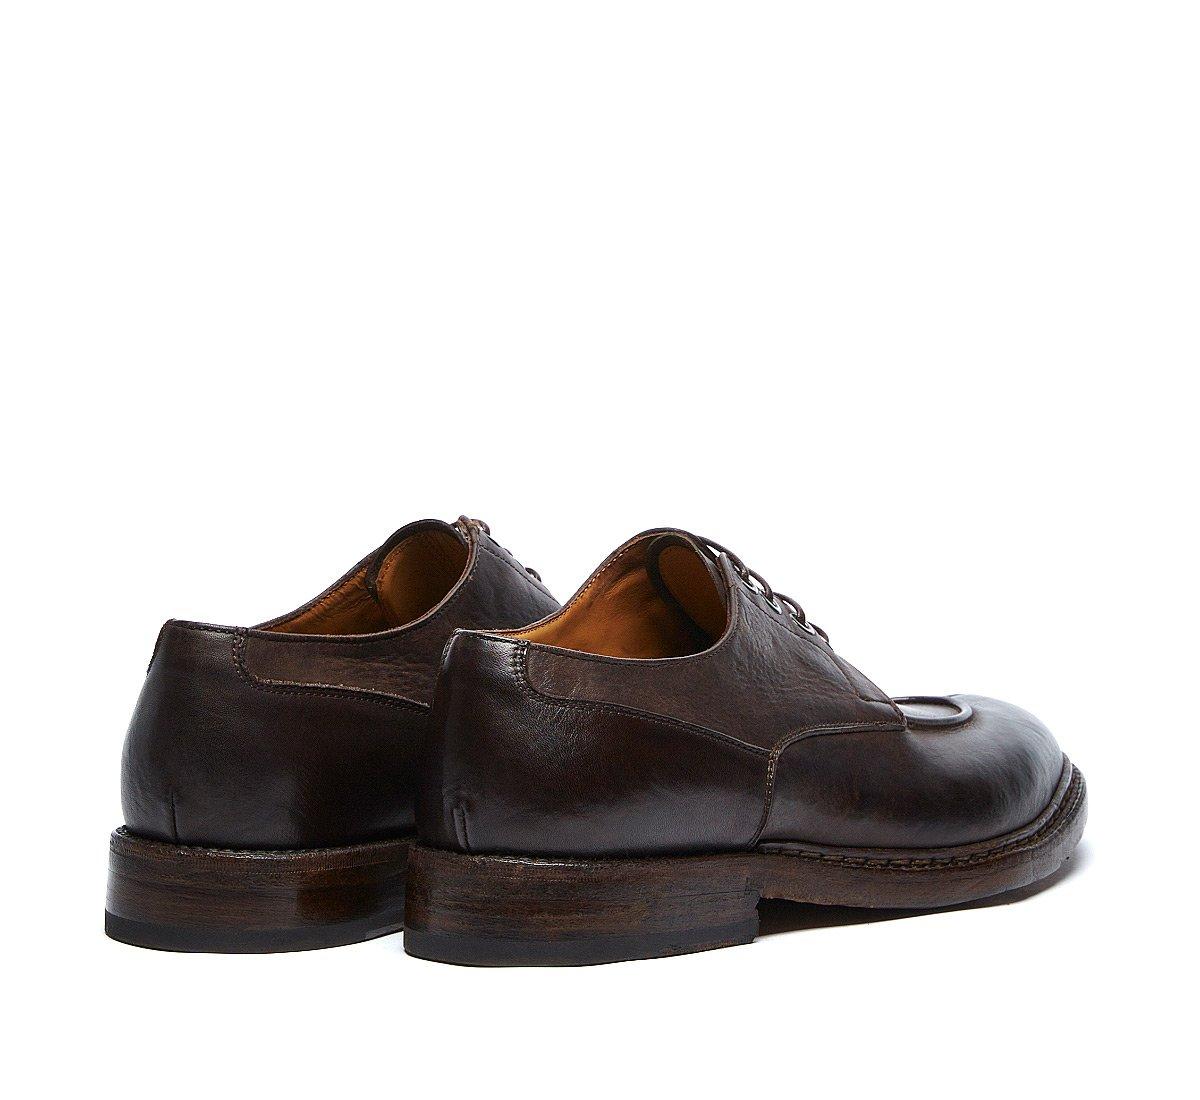 Винтажные ботинки на шнурках Barracuda из высококачественной телячьей кожи